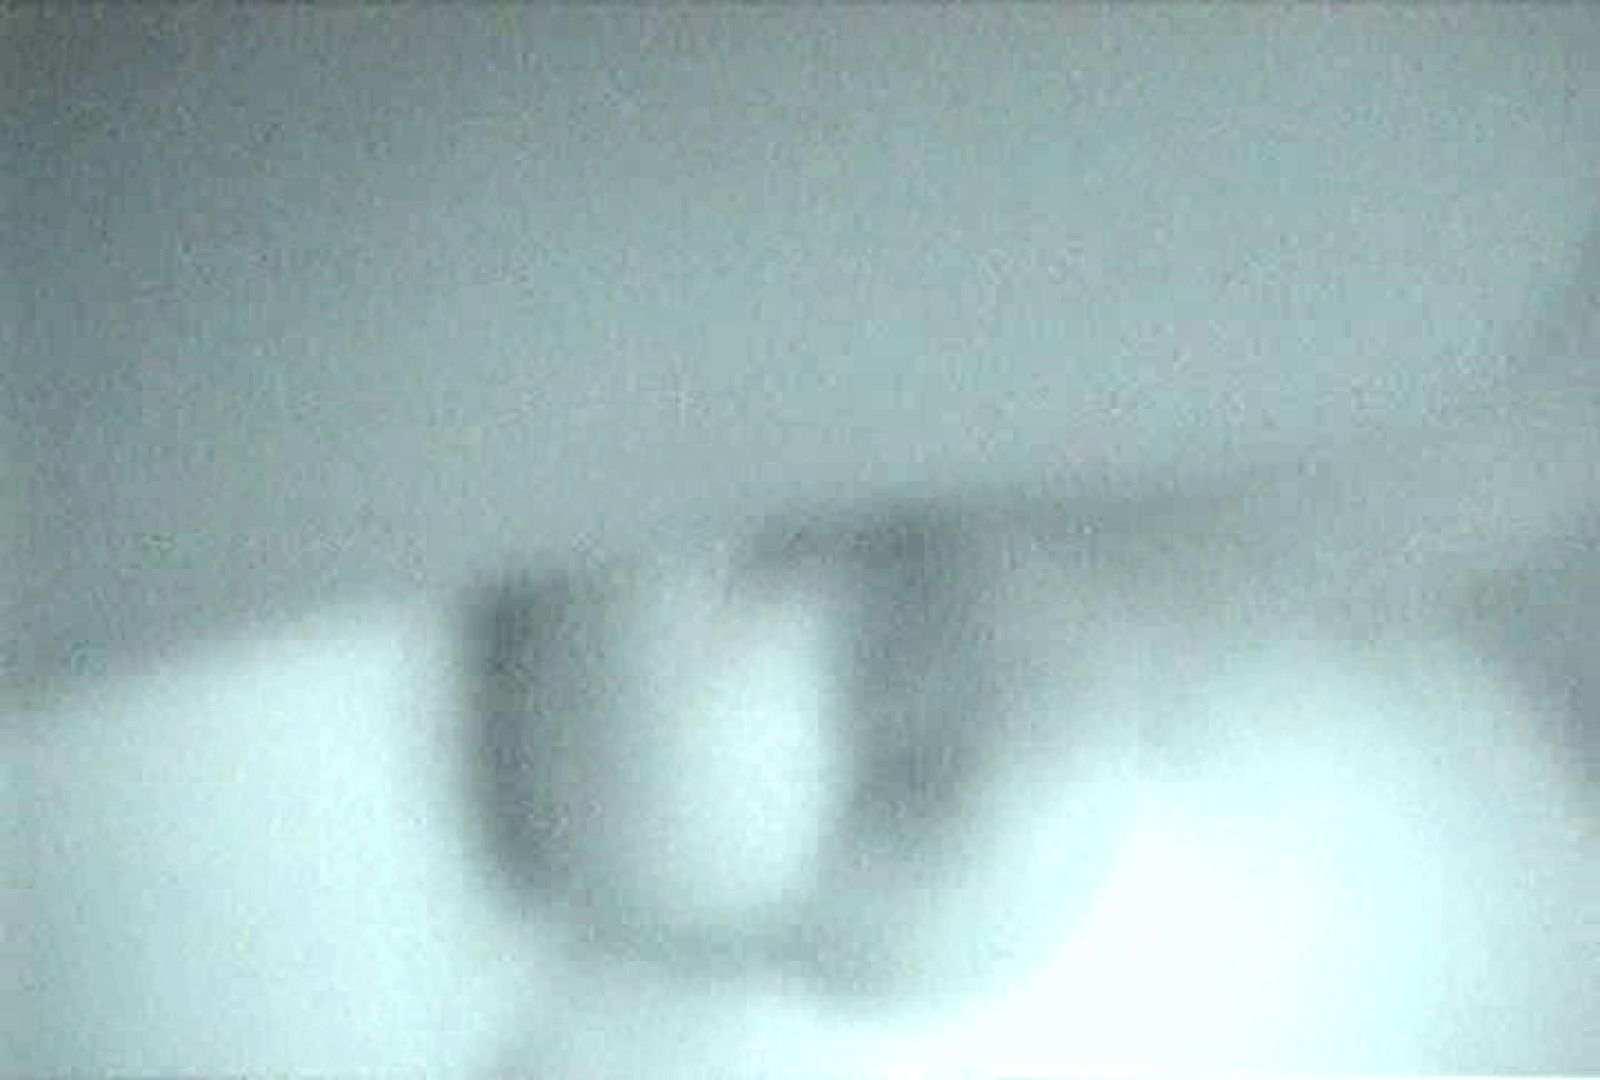 充血監督の深夜の運動会Vol.88 細身な女性 女性器鑑賞 95pic 59